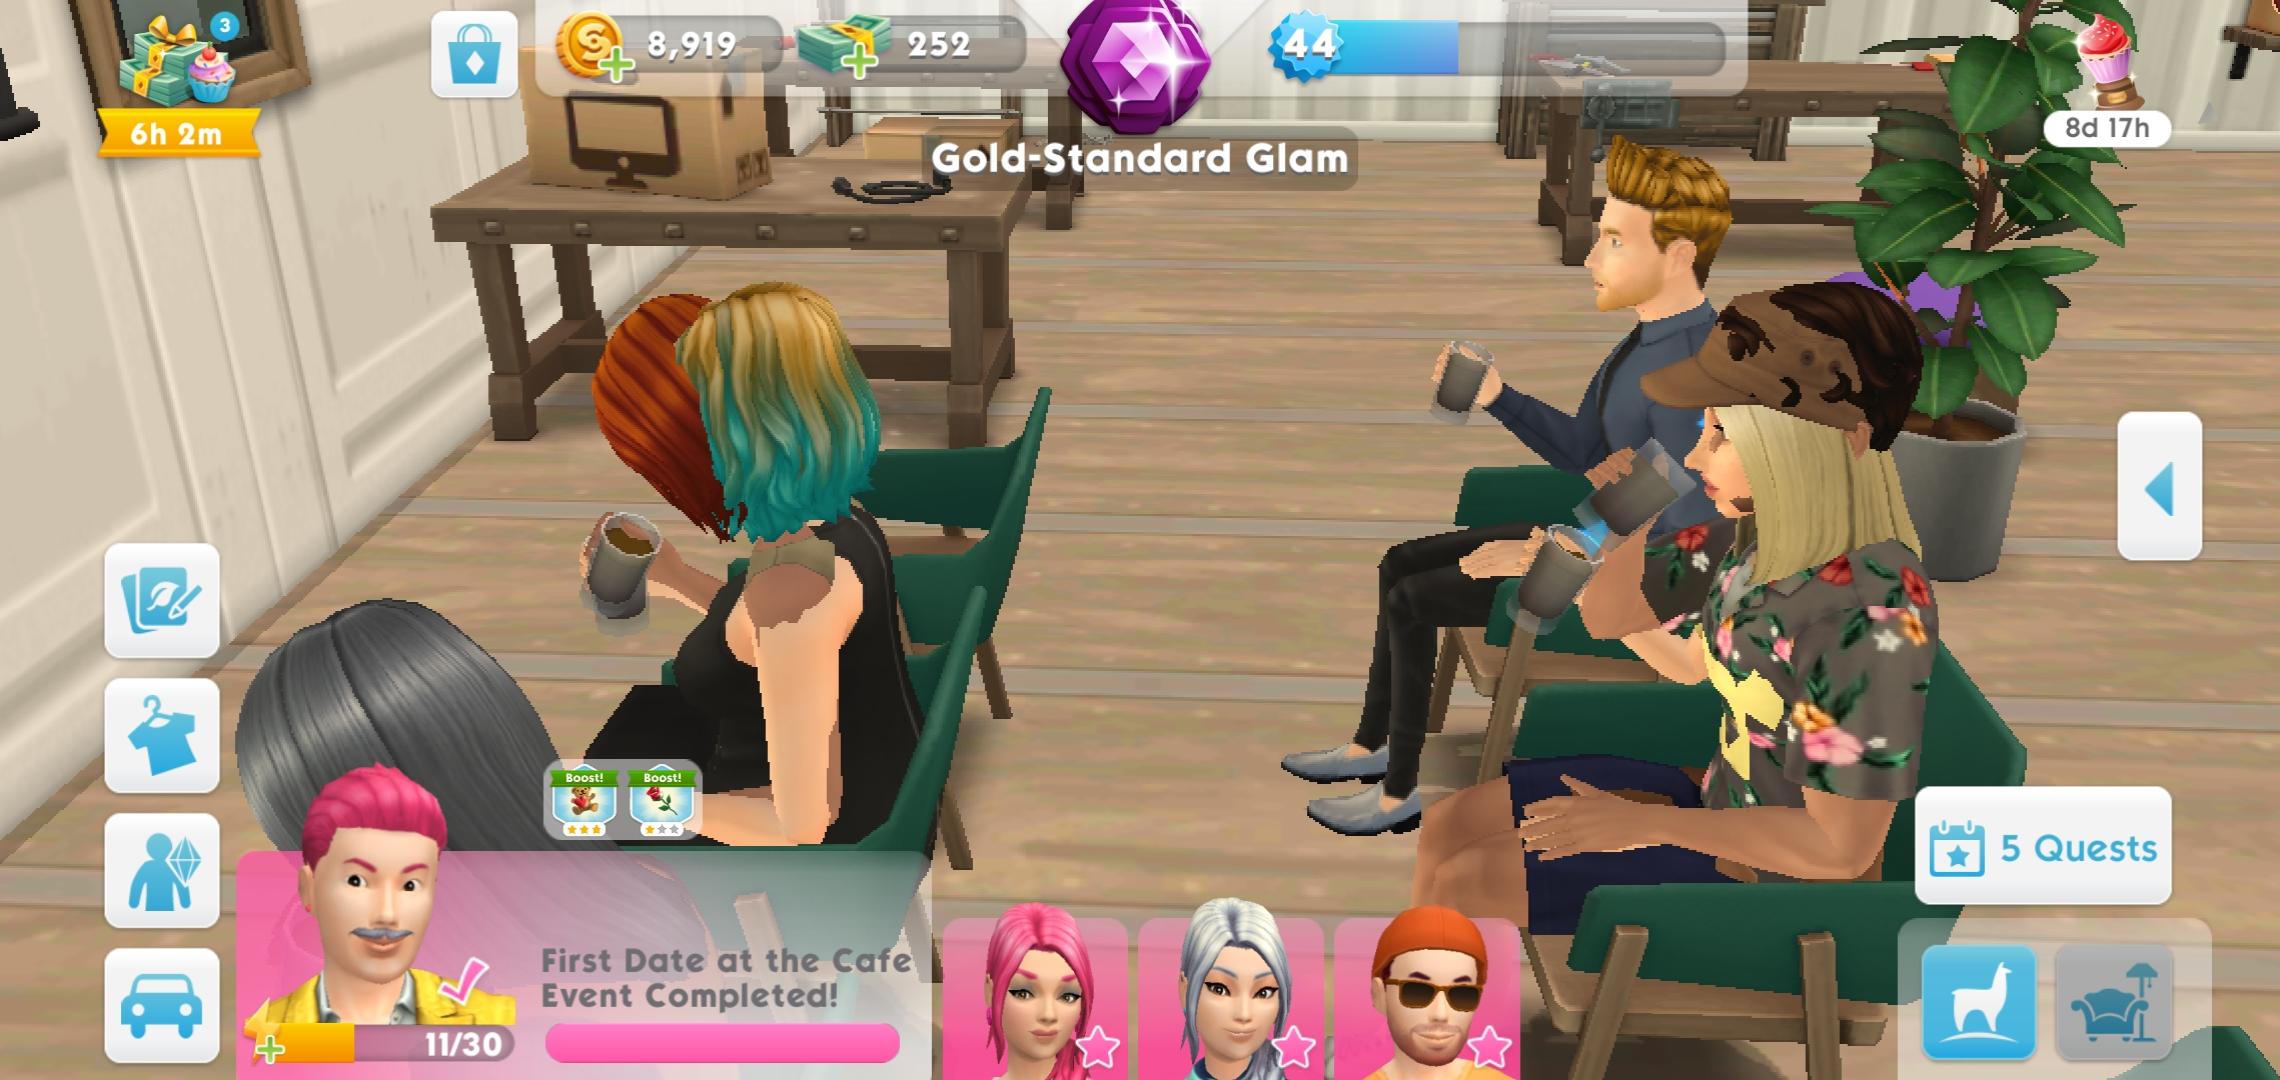 Screenshot_2020-07-14-19-38-53-332_com.ea.gp.simsmobile.jpg